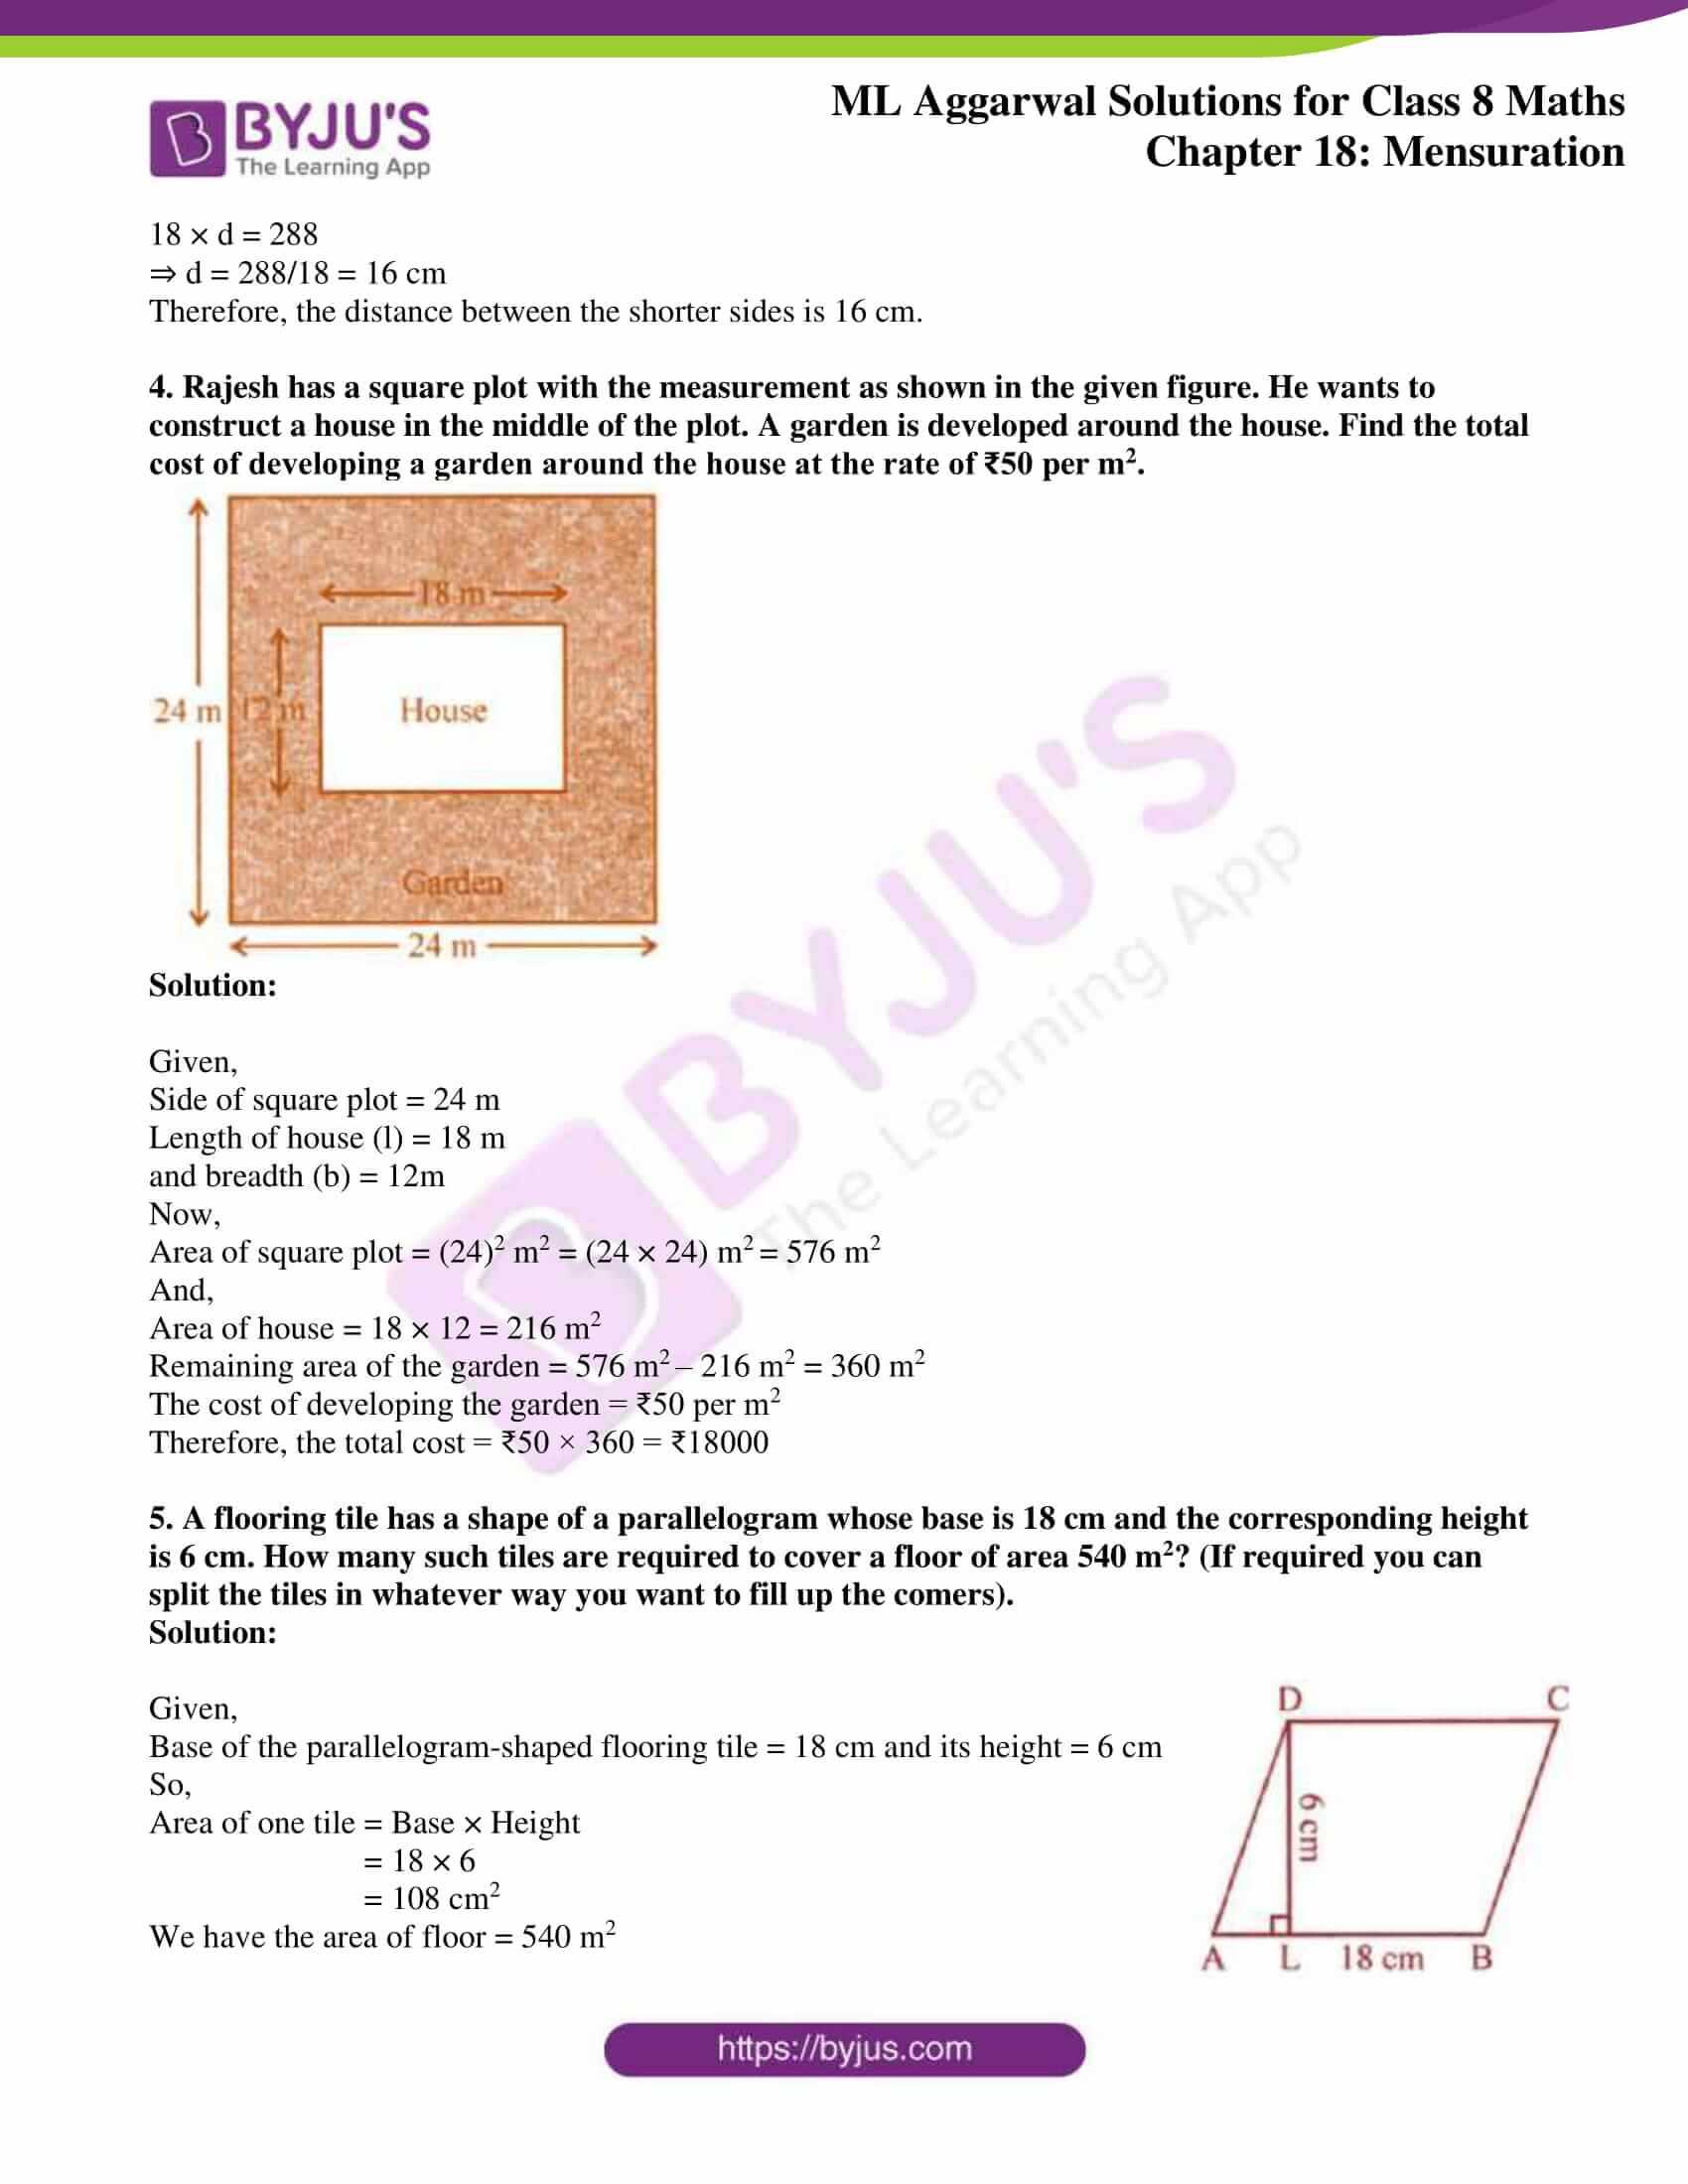 ml aggarwal sol mathematics class 8 ch 18 02